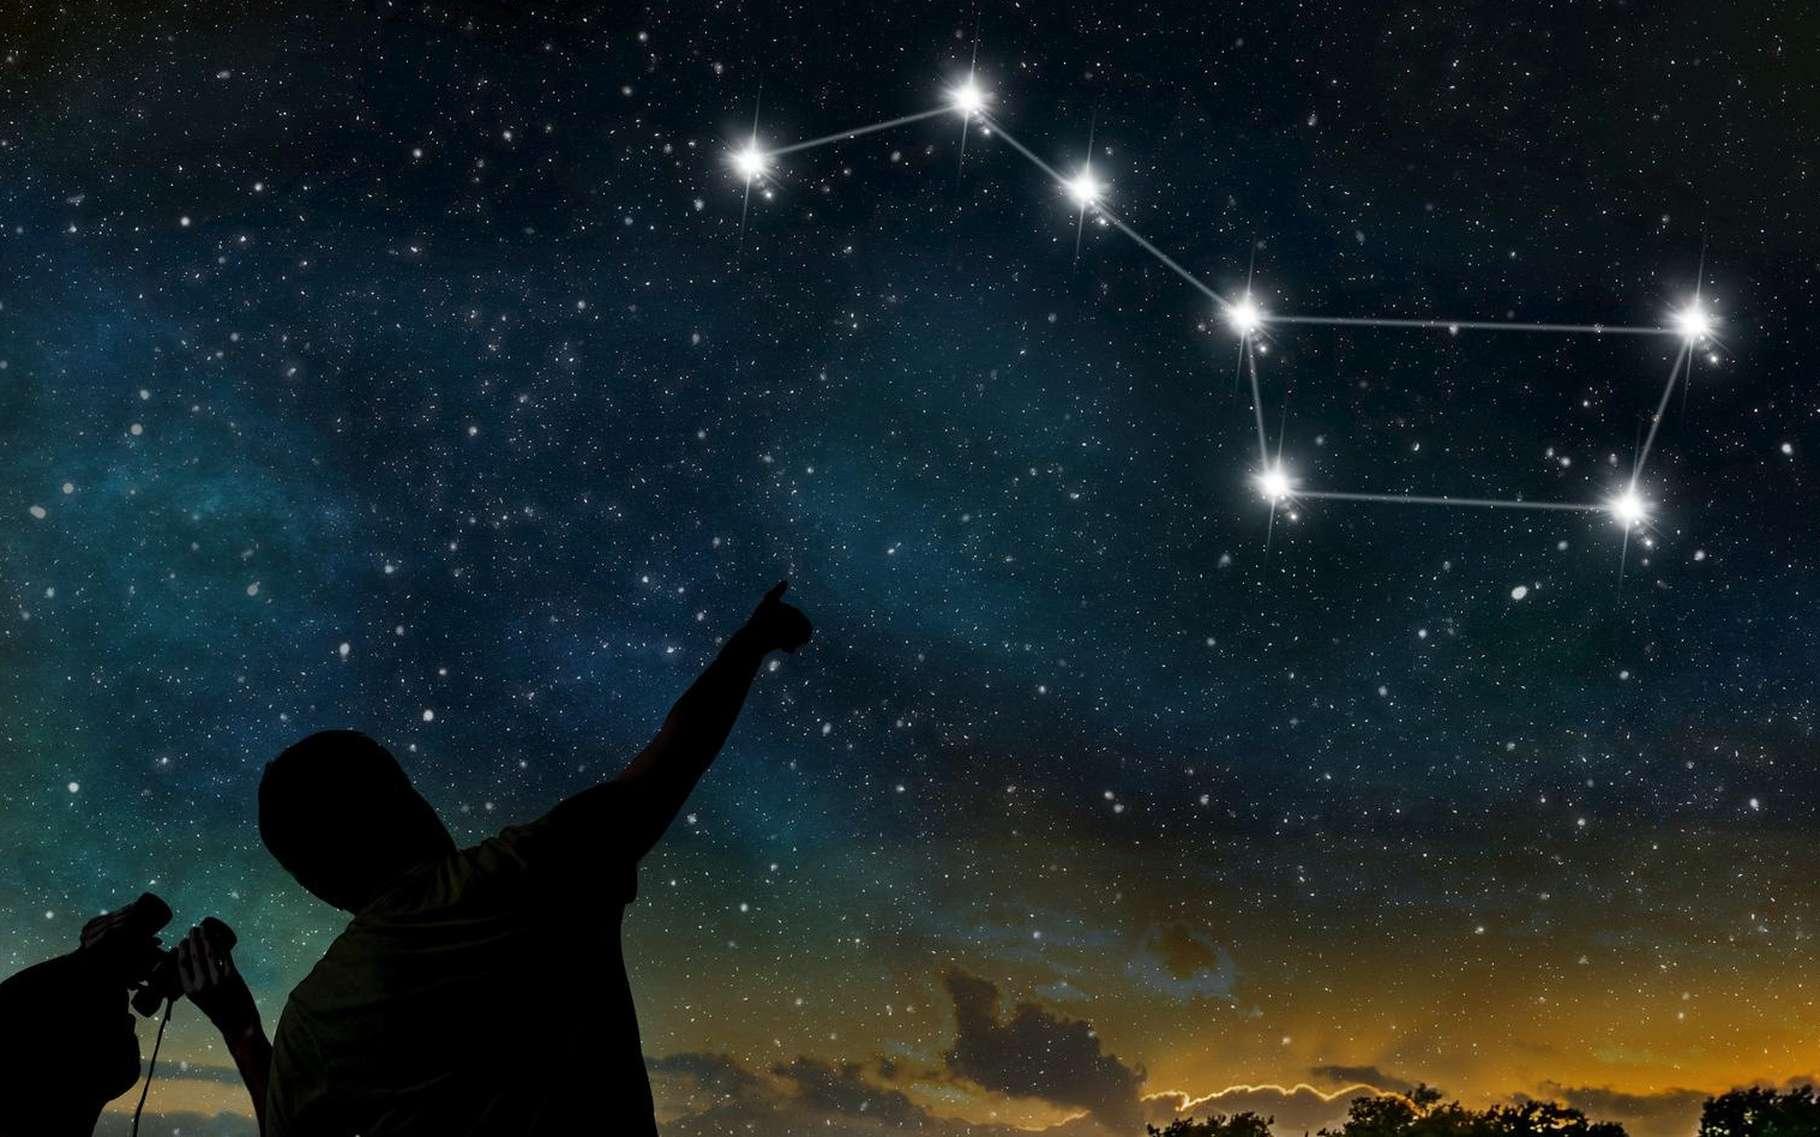 Le célèbre astérisme du Grand Chariot, très connu également sous le surnom de Grande Casserole, se compose des sept étoiles (huit si vous regardez bien) les plus brillantes de la légendaire Grande Ourse (Ursa Major), l'une des plus grandes constellations du ciel boréal. © vchal, Shutterstock